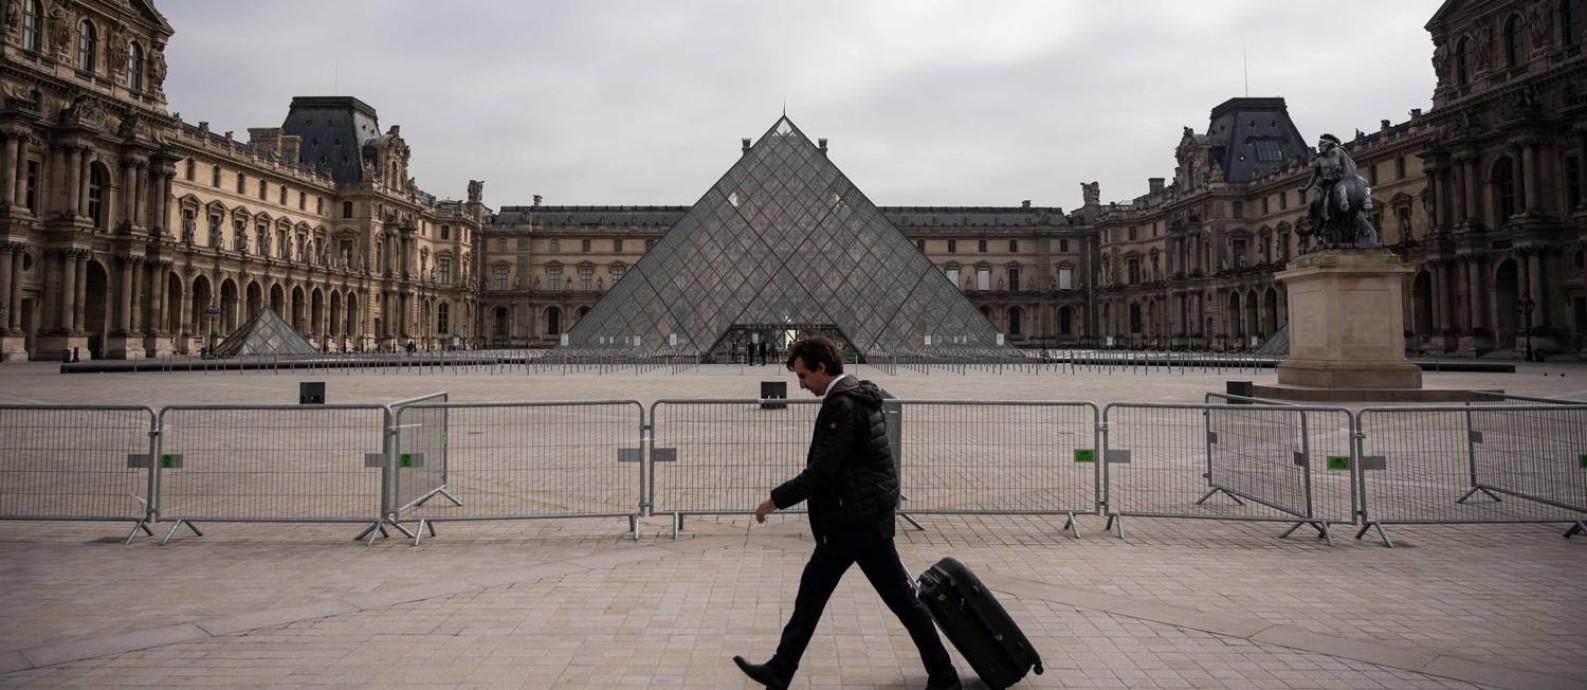 Homem caminha em frente ao Museu do Louvre, em Paris, fechado para visitação pela pandemia de Covid-19 Foto: LIONEL BONAVENTURE / AFP